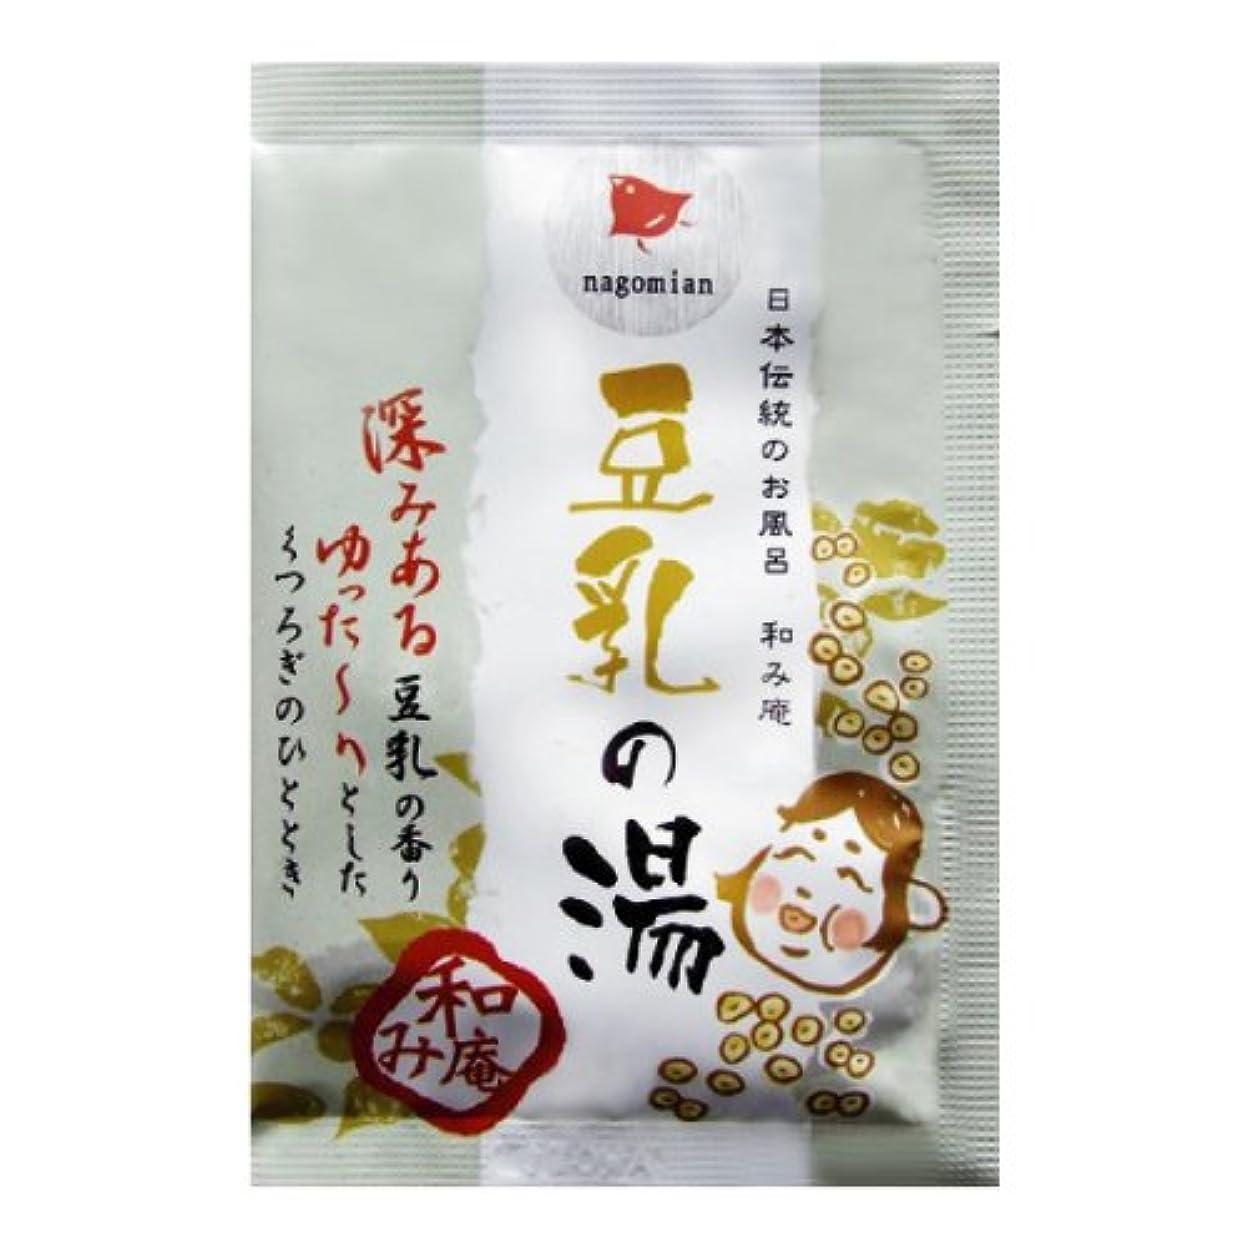 旅記念品悲惨な日本伝統のお風呂 和み庵 豆乳の湯 200包